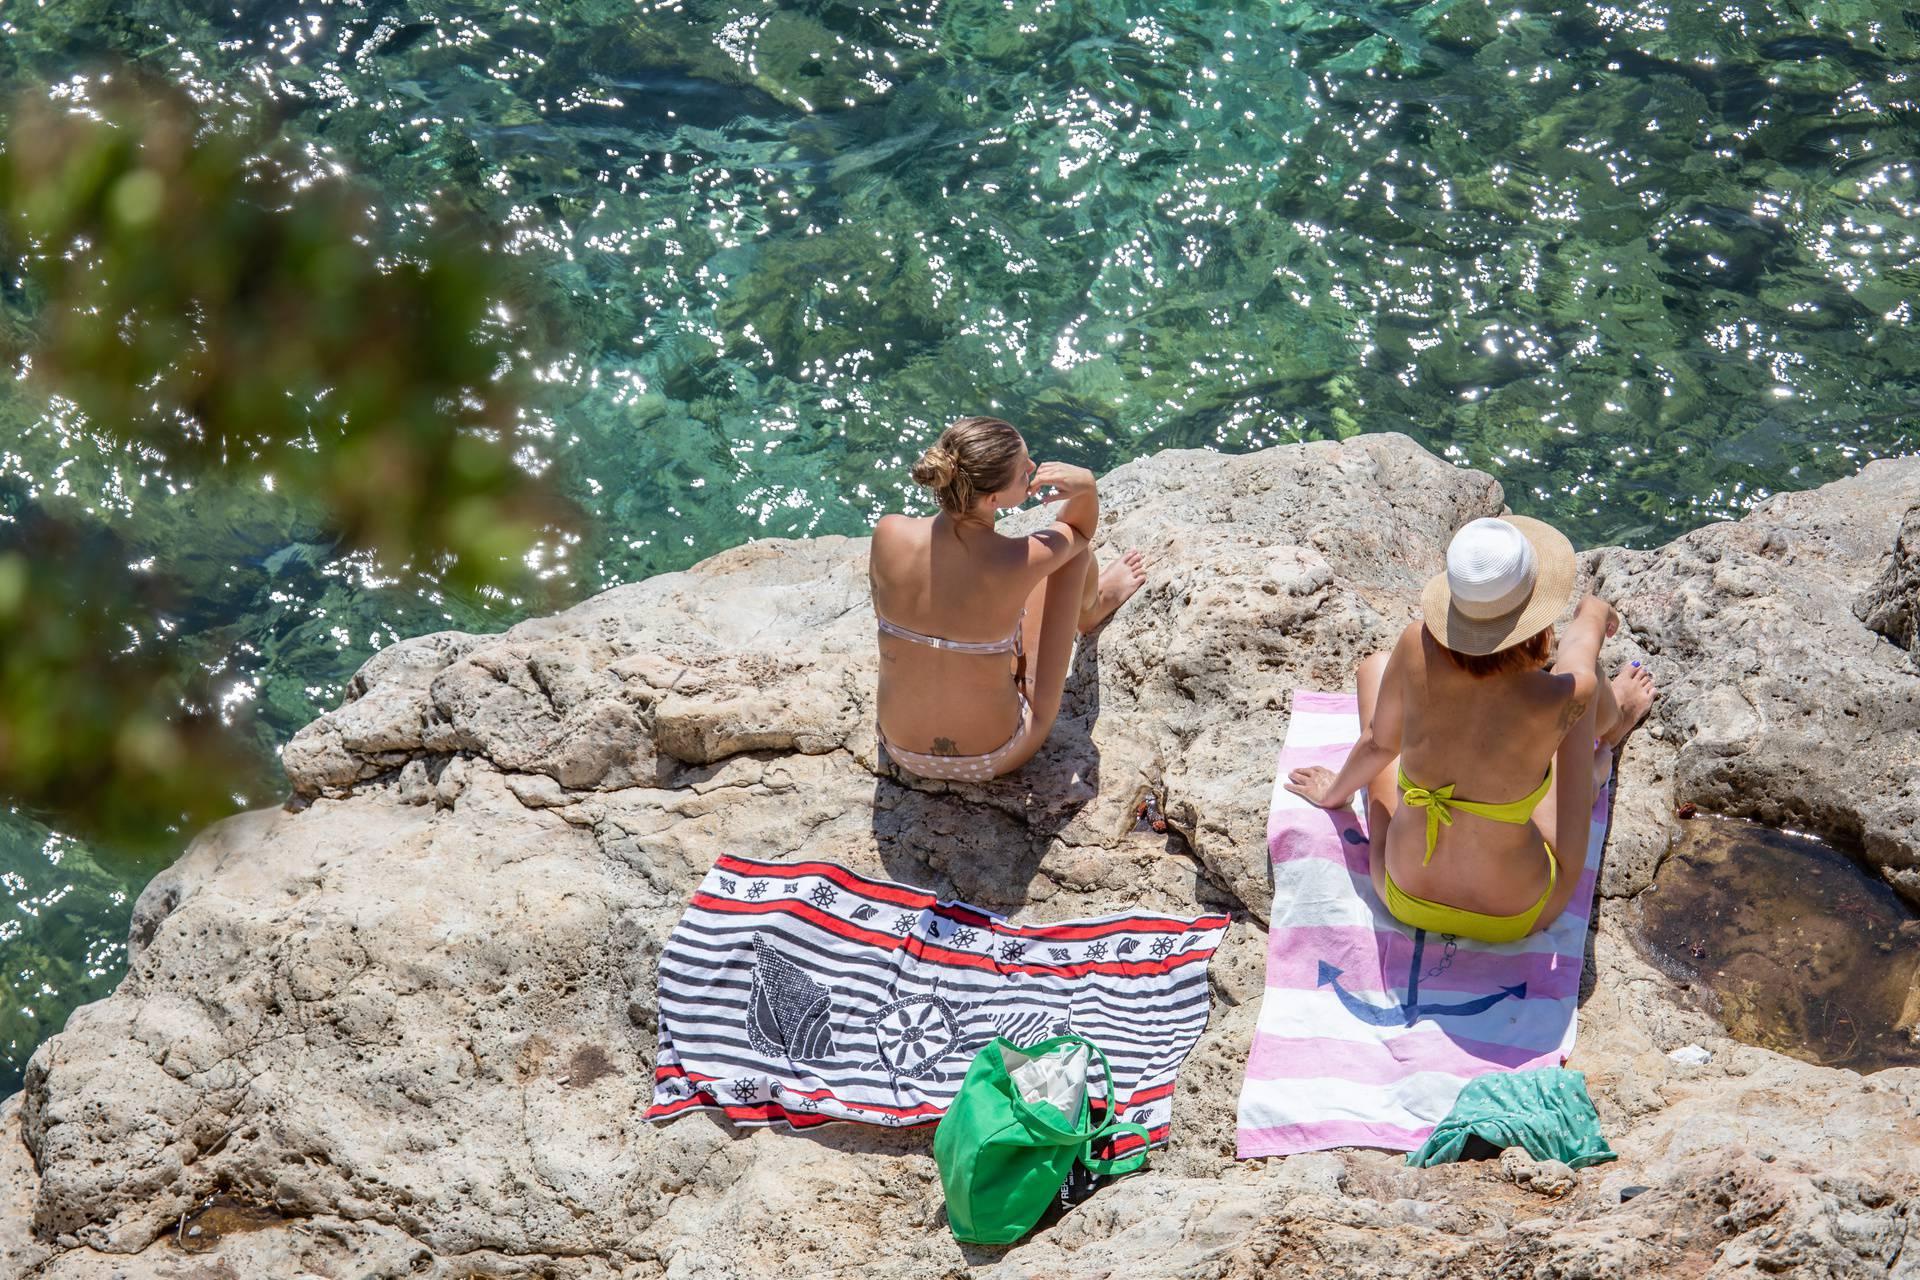 Dubrovnik: Plaža Banje je puna posjetitelja koji uživaju u moru